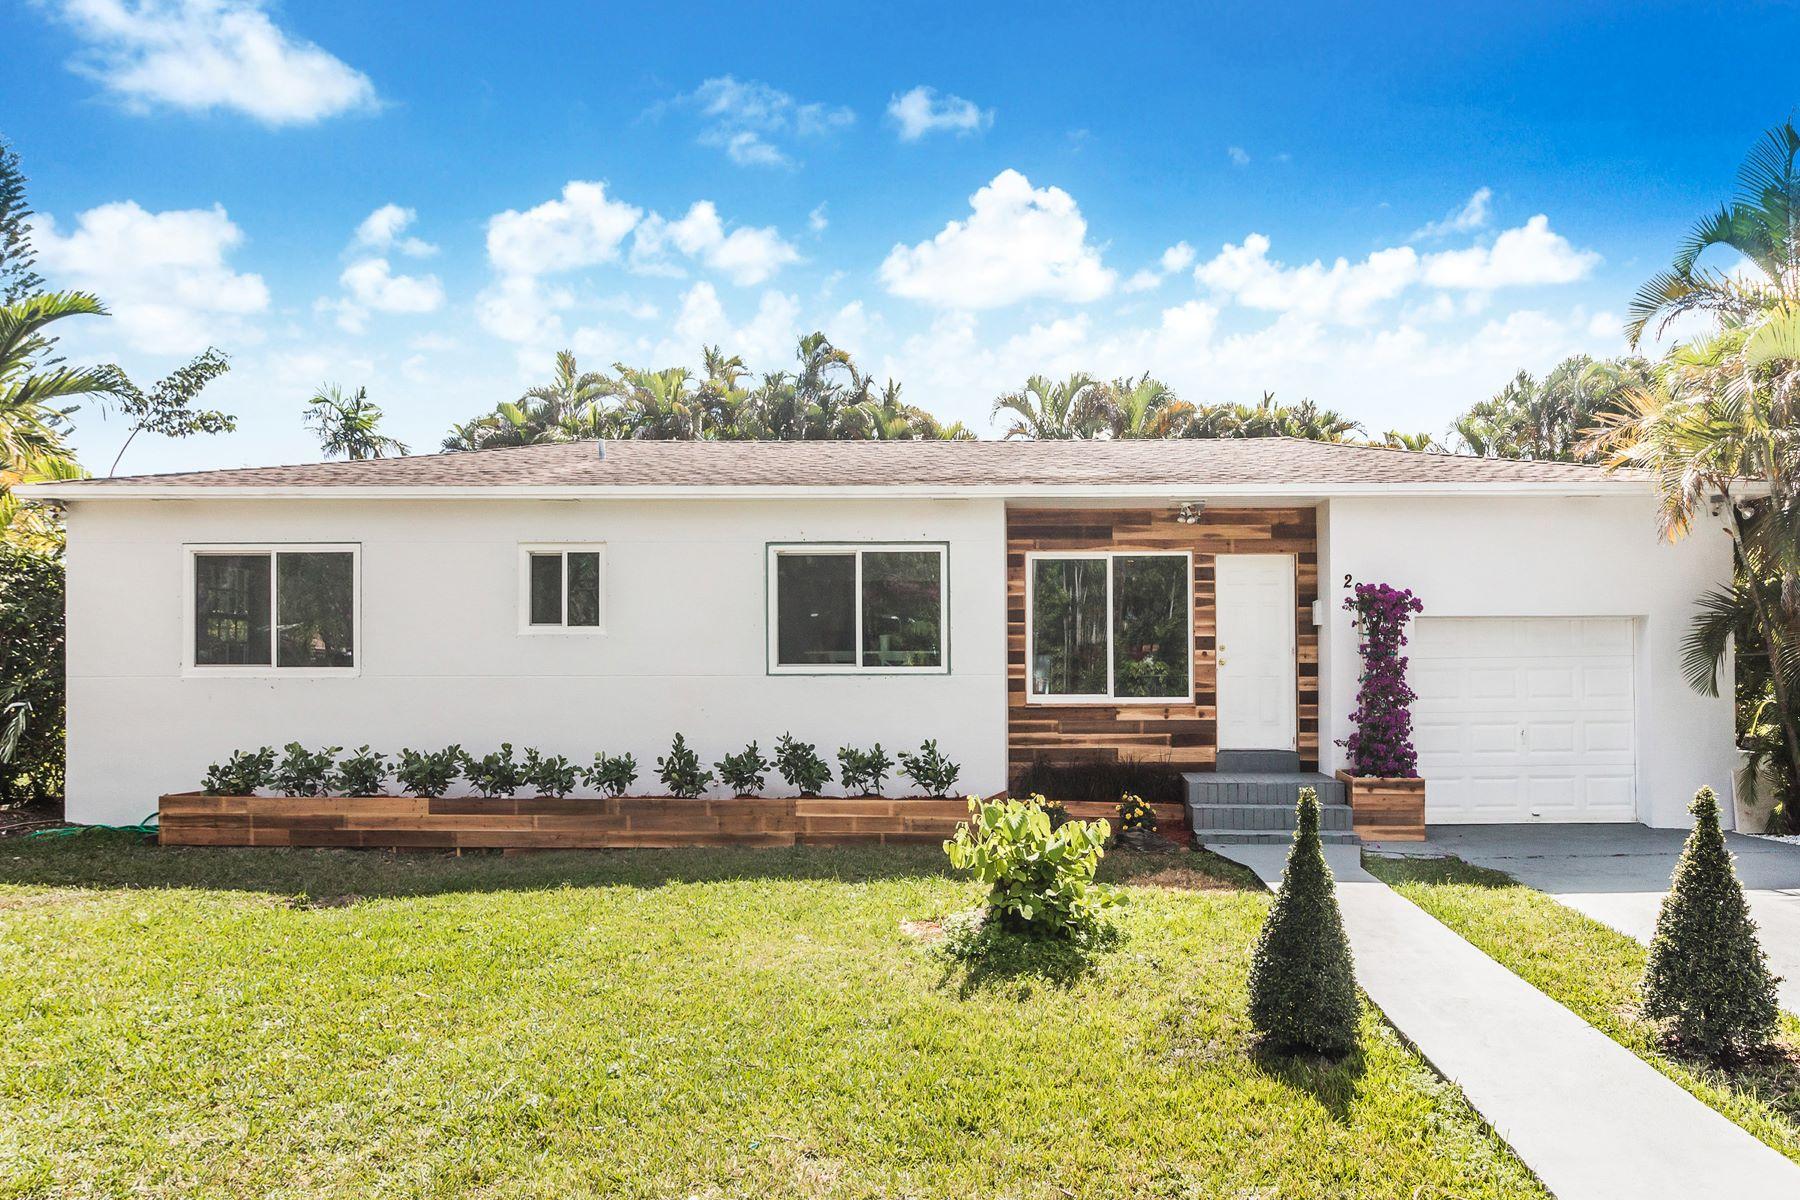 Maison unifamiliale pour l Vente à 290 Ne 131st St 290 Ne 131st St North Miami, Florida 33161 États-Unis